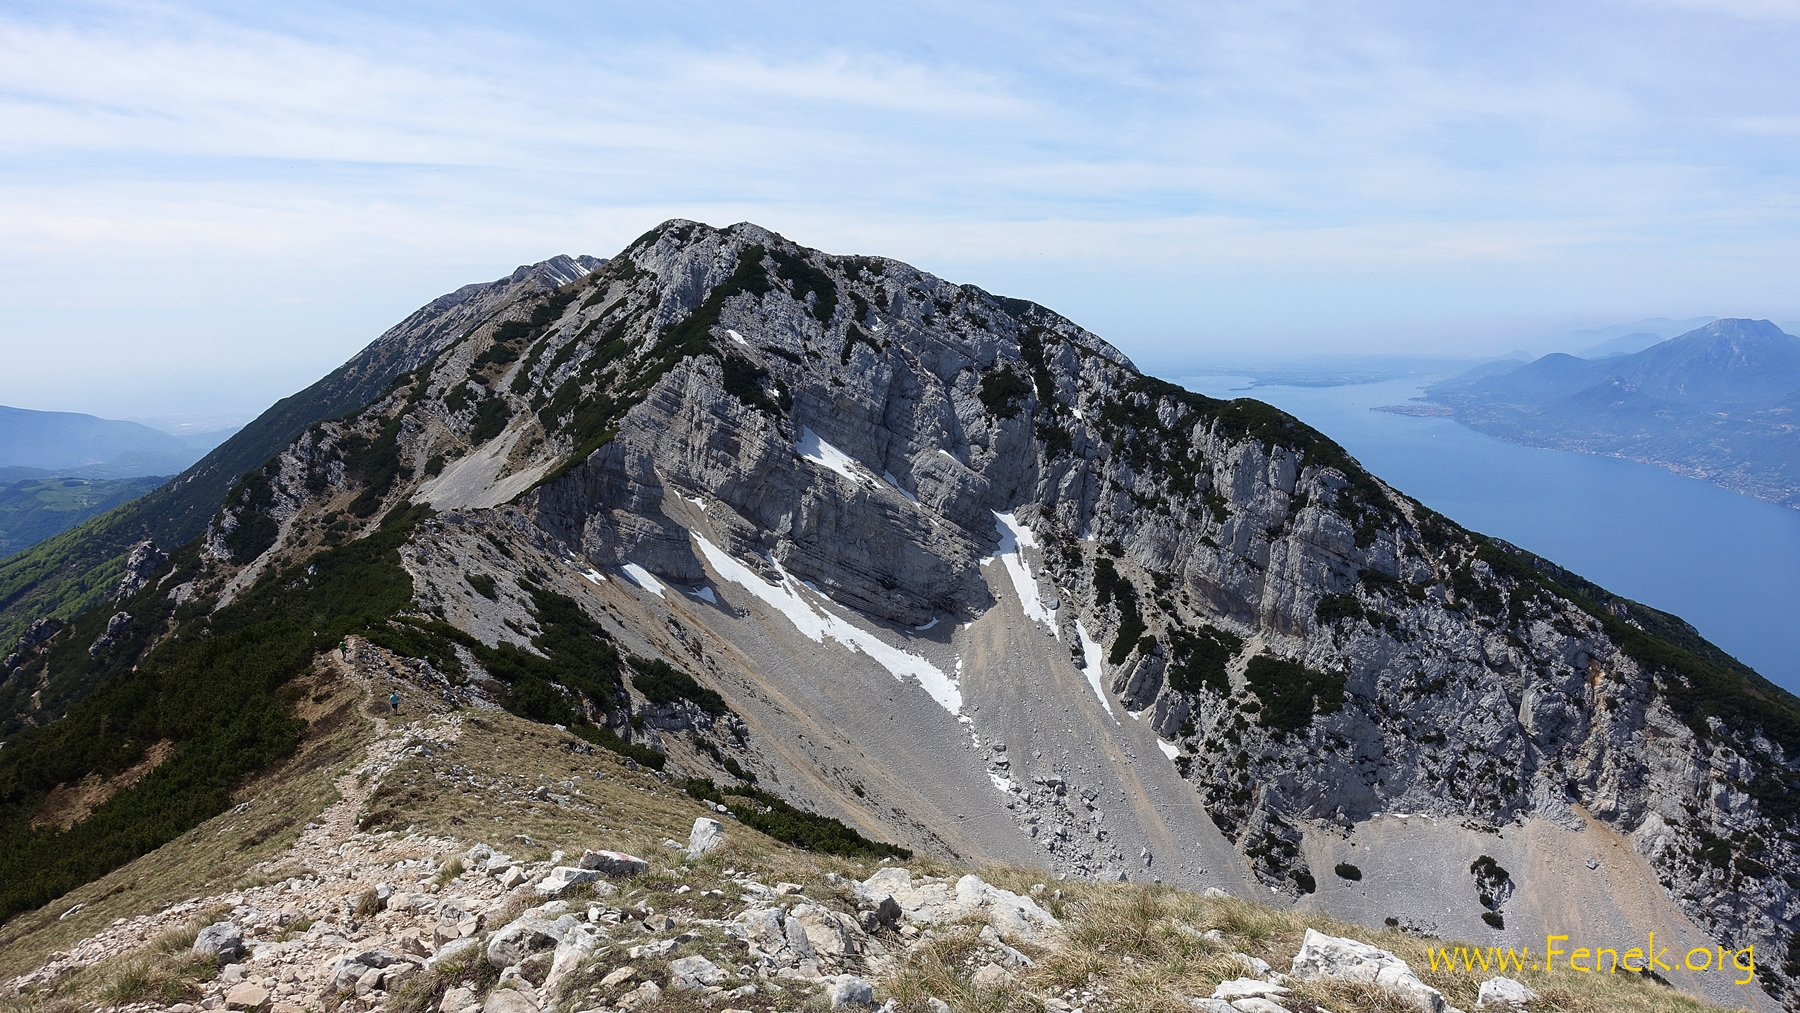 auf der Cima delle Pozzette mit Blick auf die weiteren Gipfel....